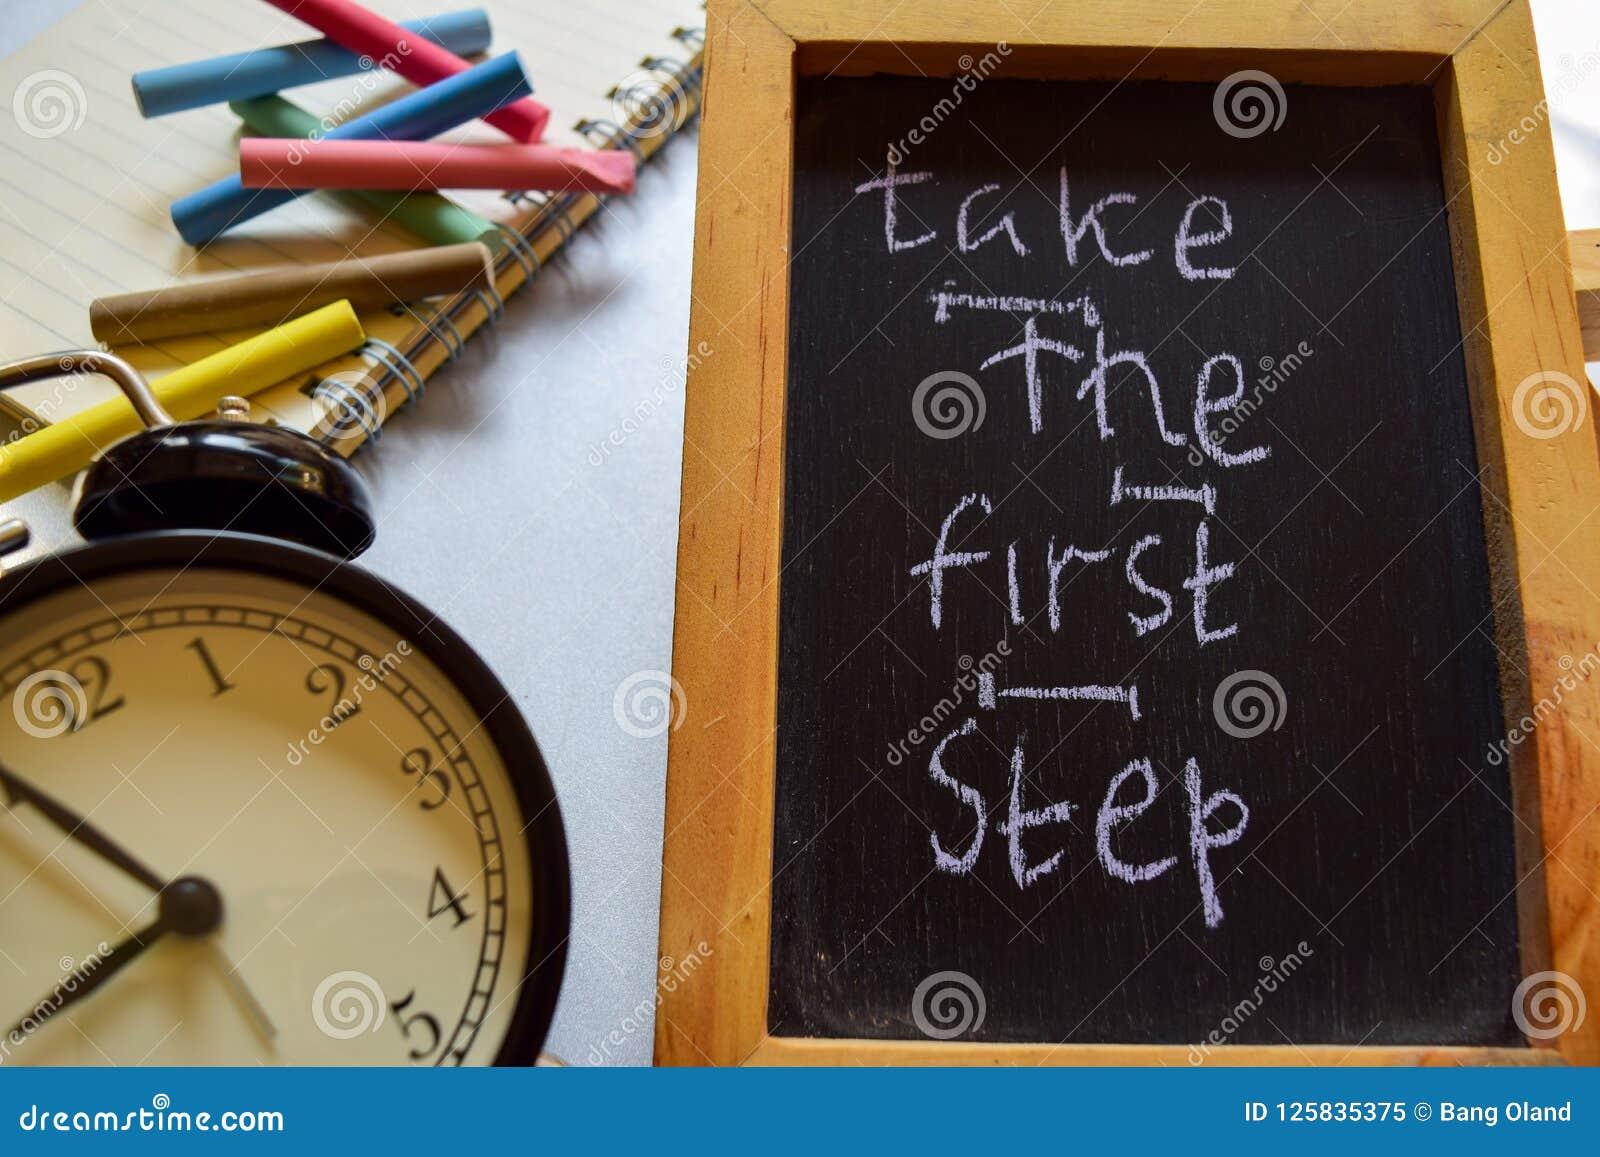 Tome à frase da primeira etapa escrito à mão colorido no quadro, no despertador com motivação e nos conceitos da educação